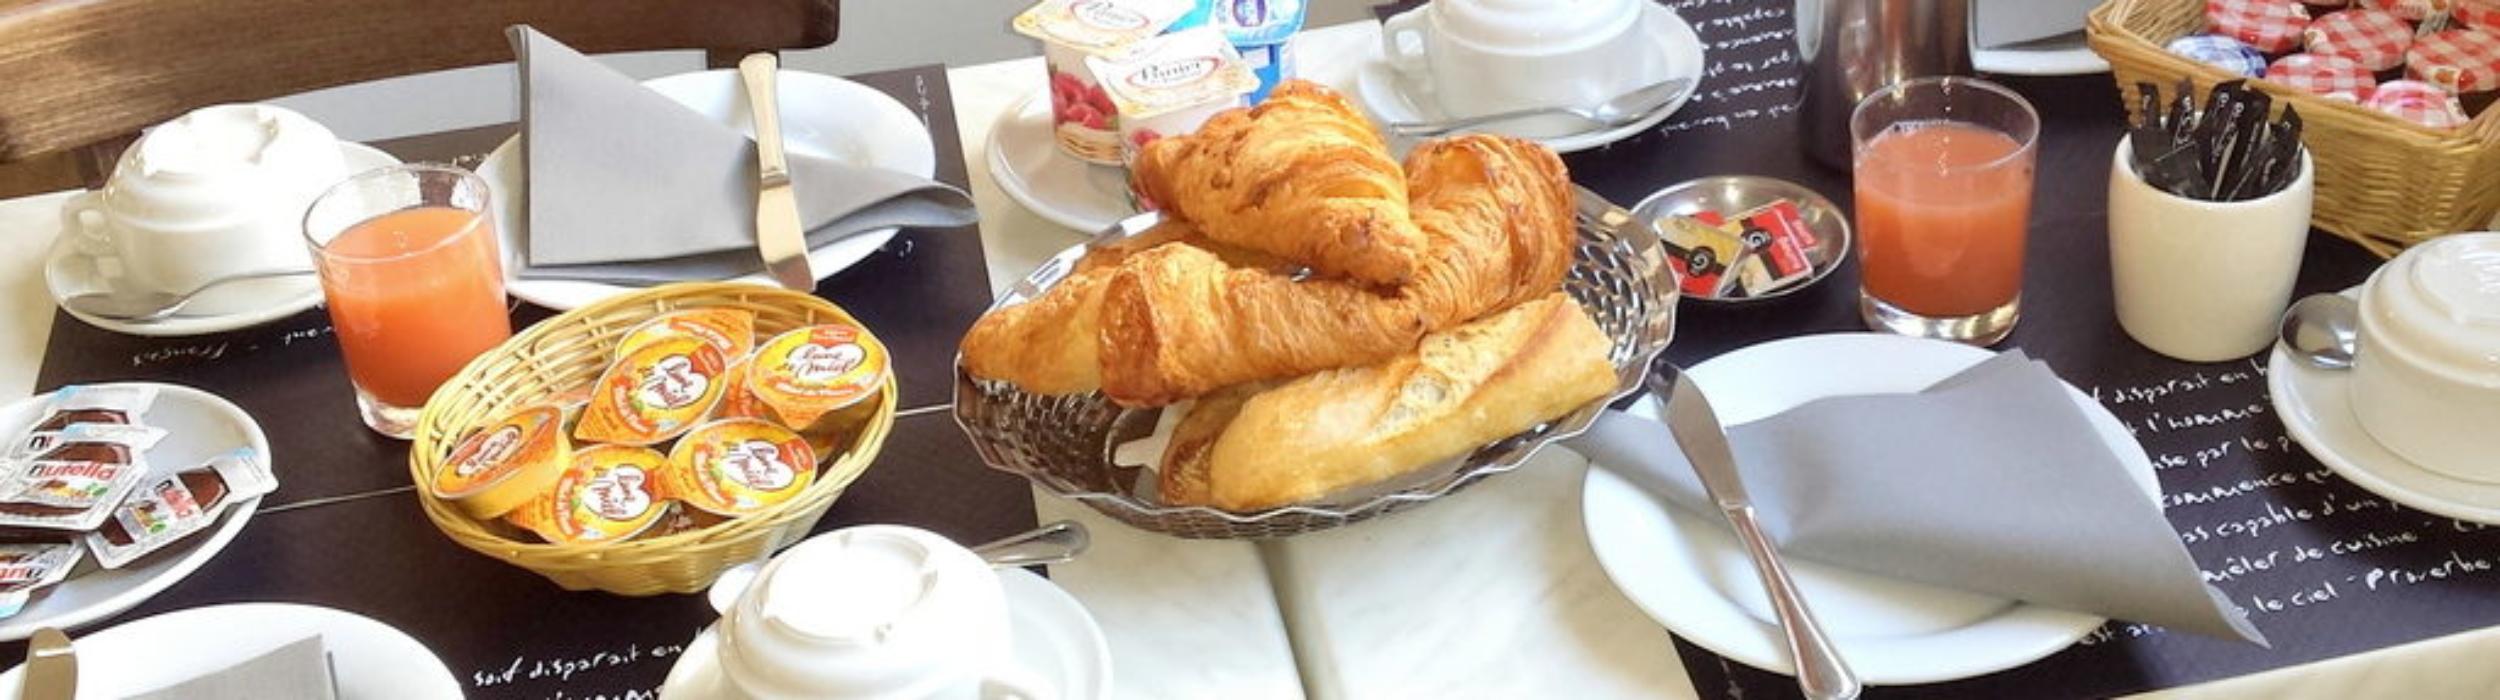 Petit déjeuner Croissant jus nutella Hôtel Alizé Toulouse Minimes 2 etoiles